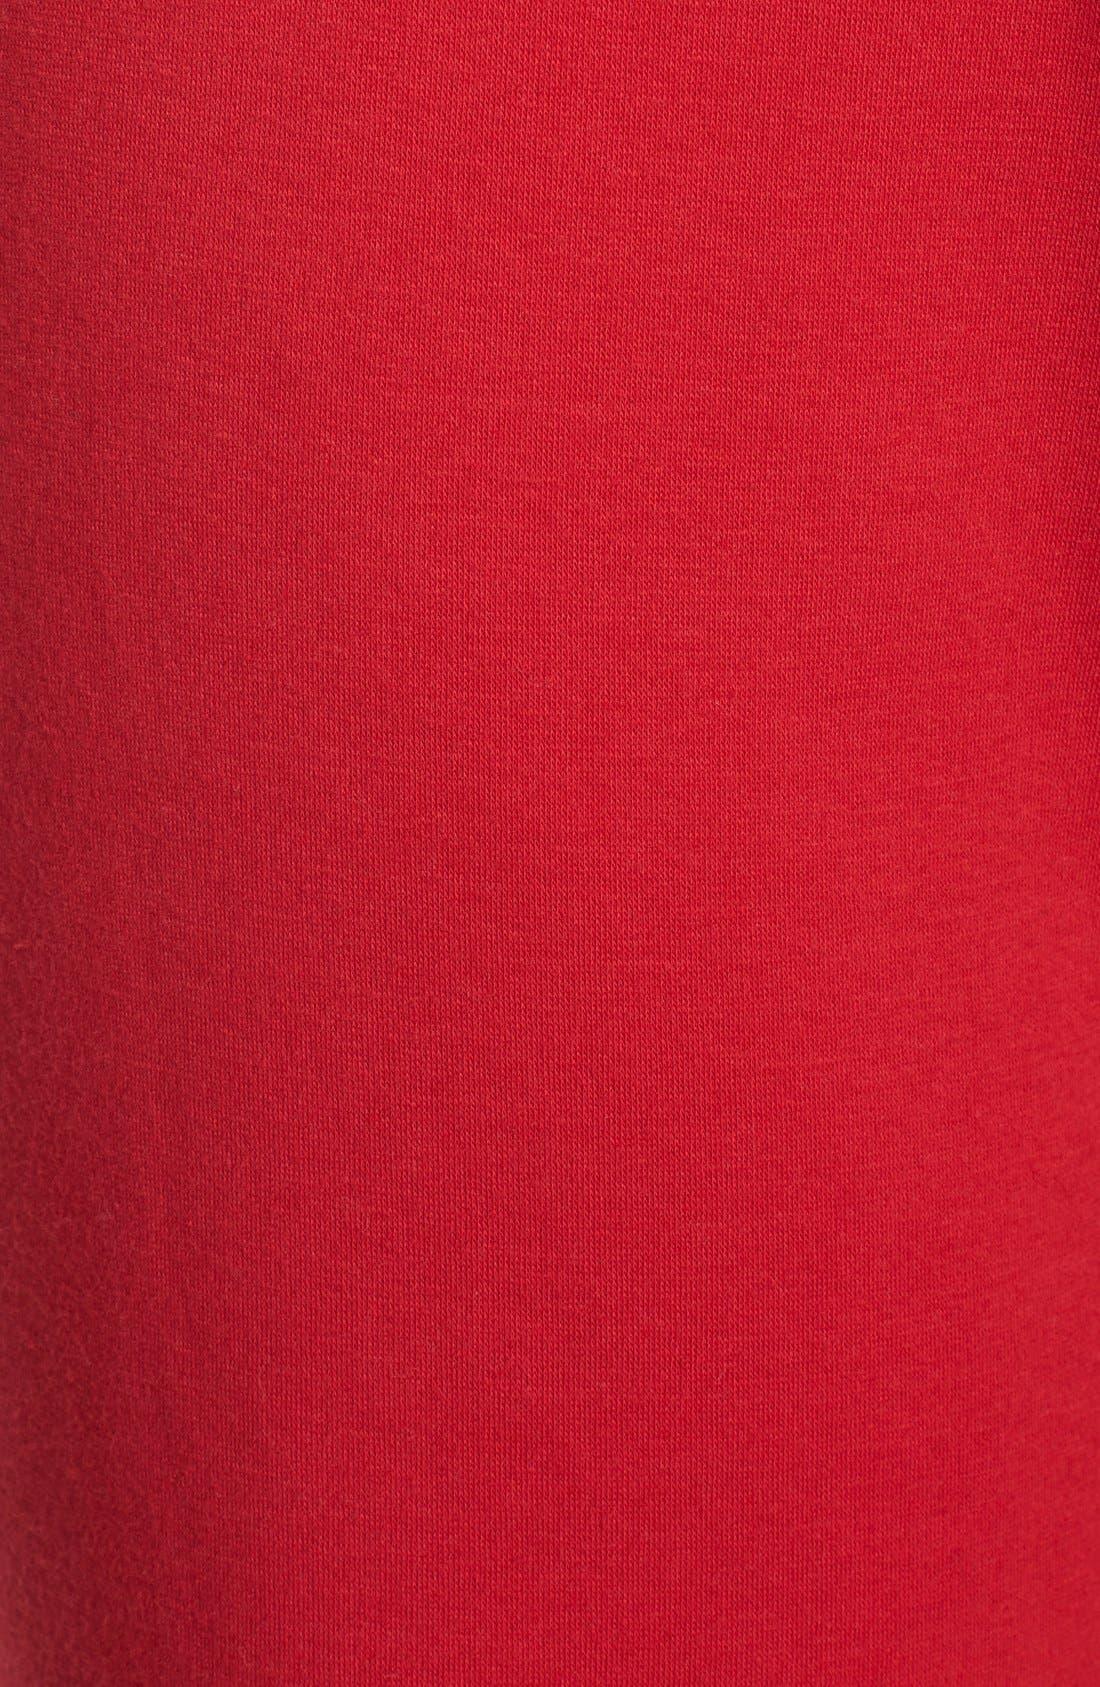 'Collins' Double Knit Pants,                             Alternate thumbnail 20, color,